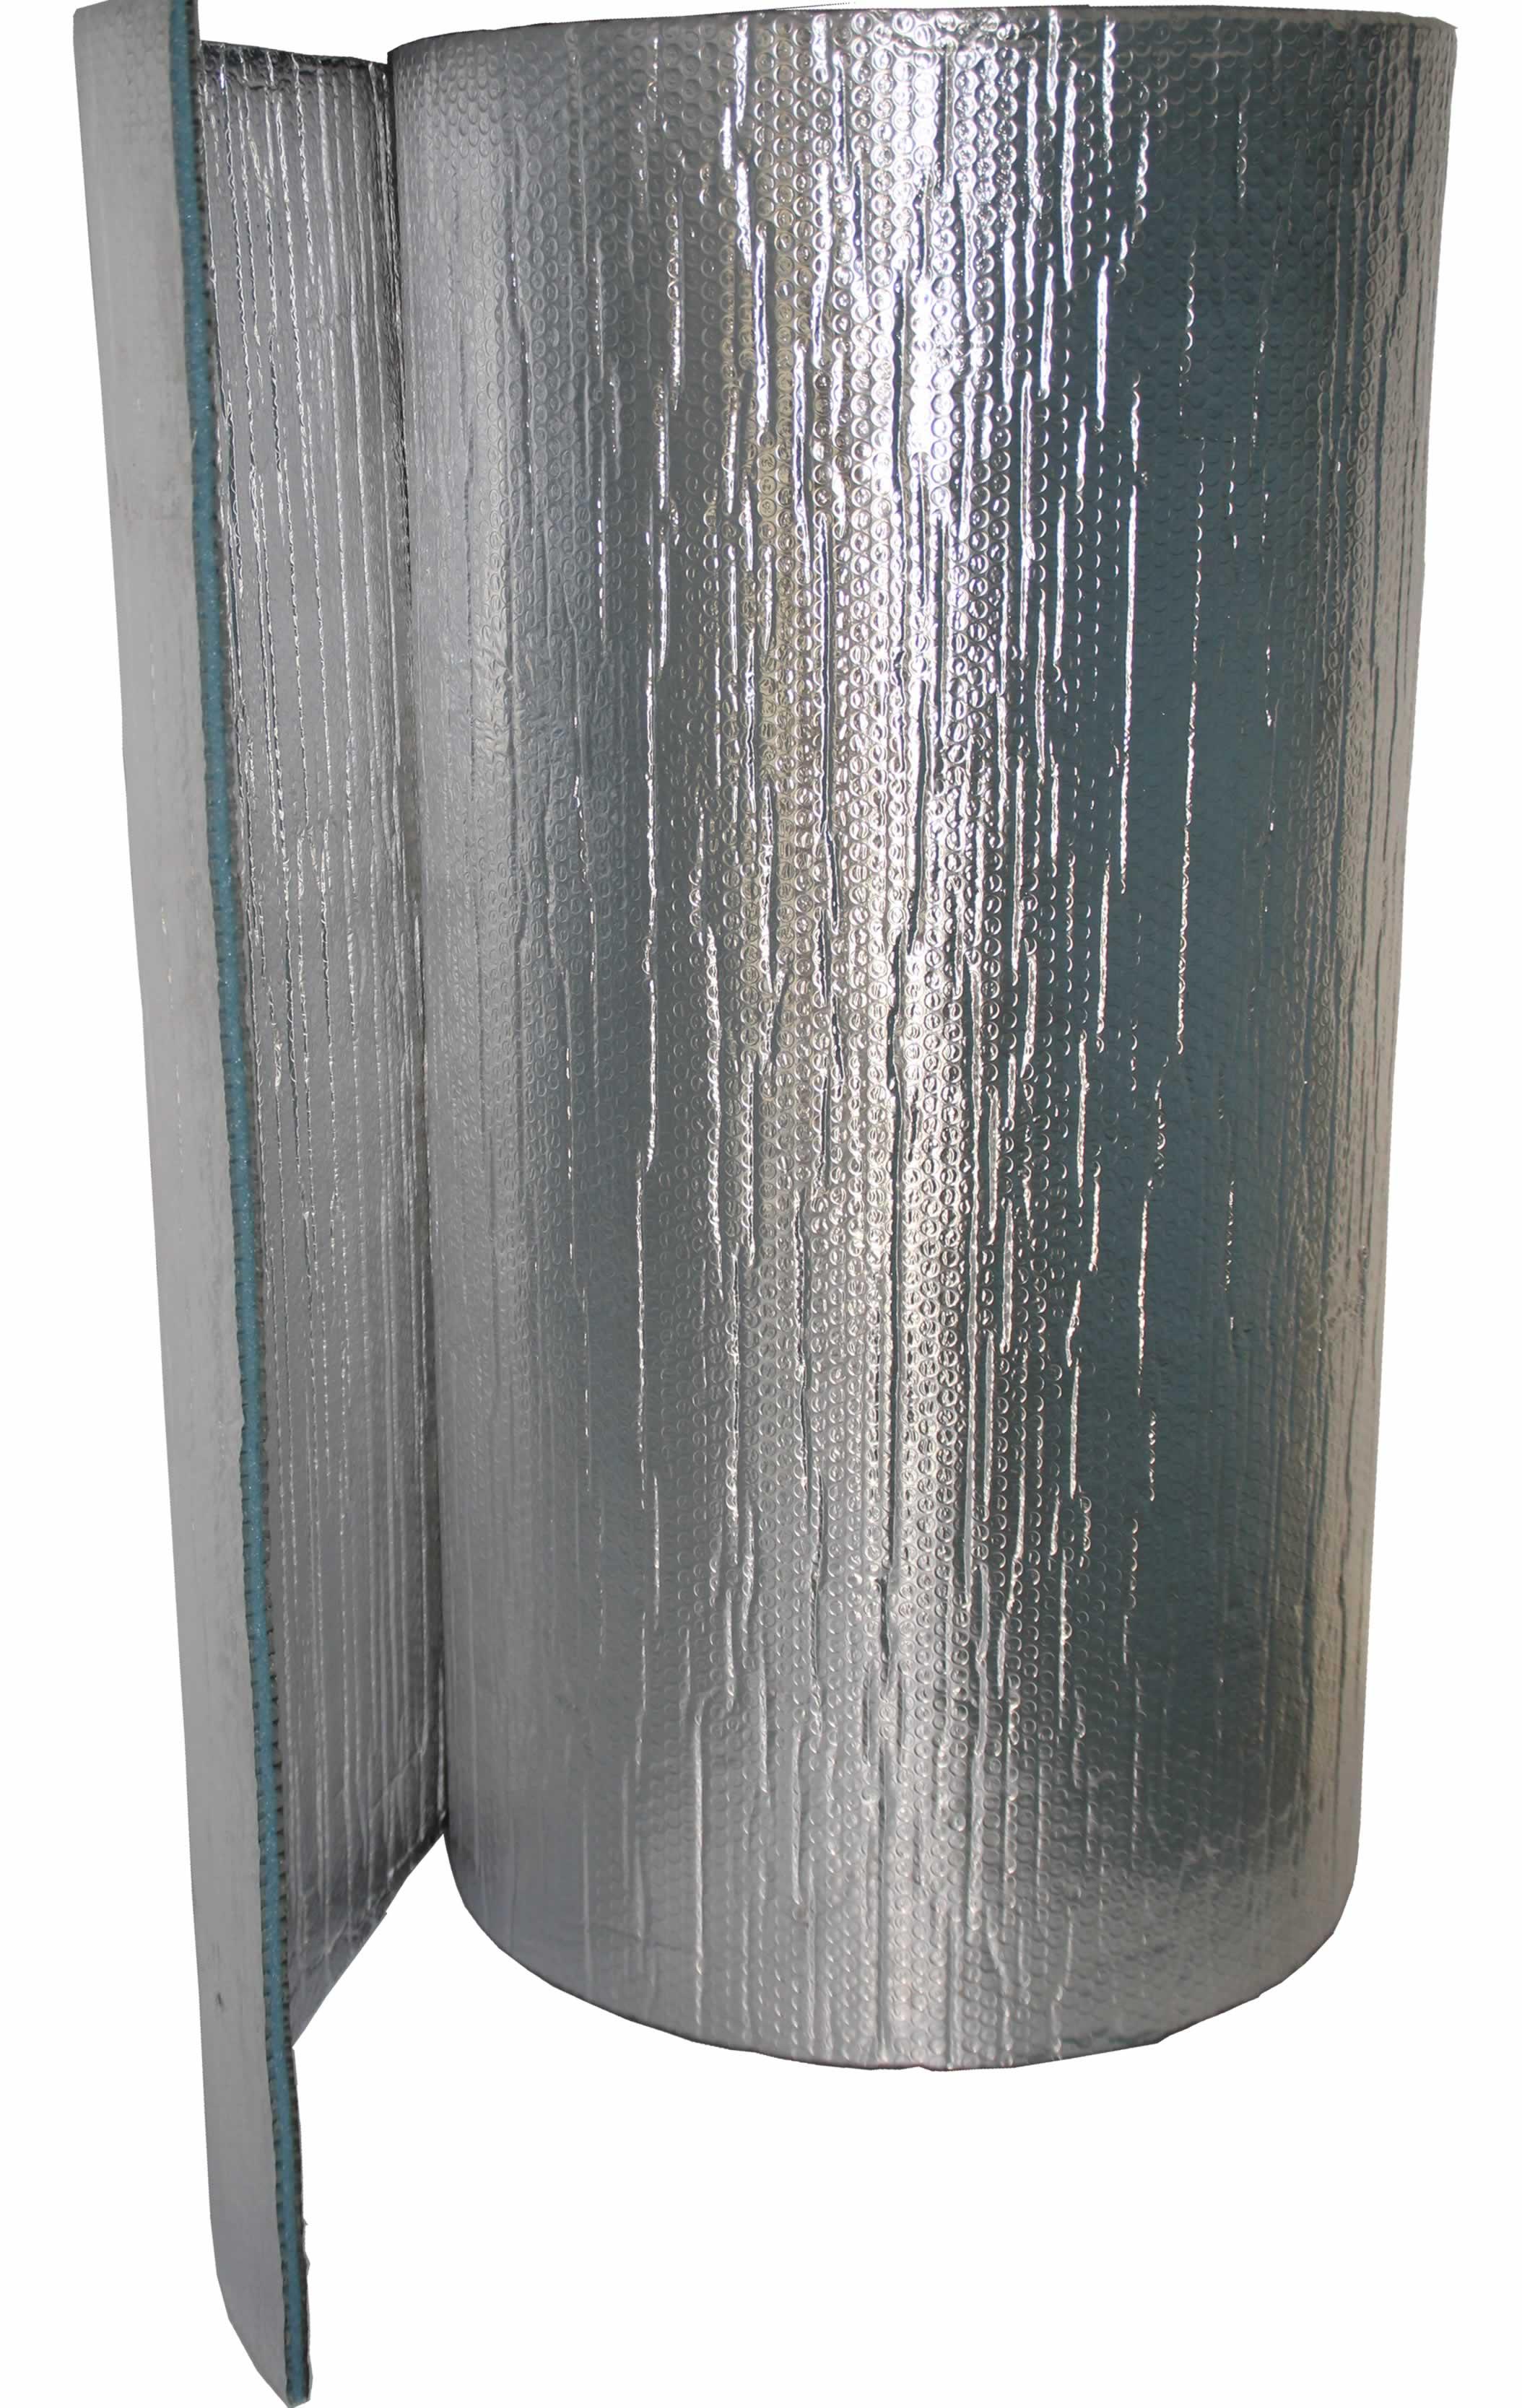 R'BULL pro 13mm Isolant mince aluminium réflecteur